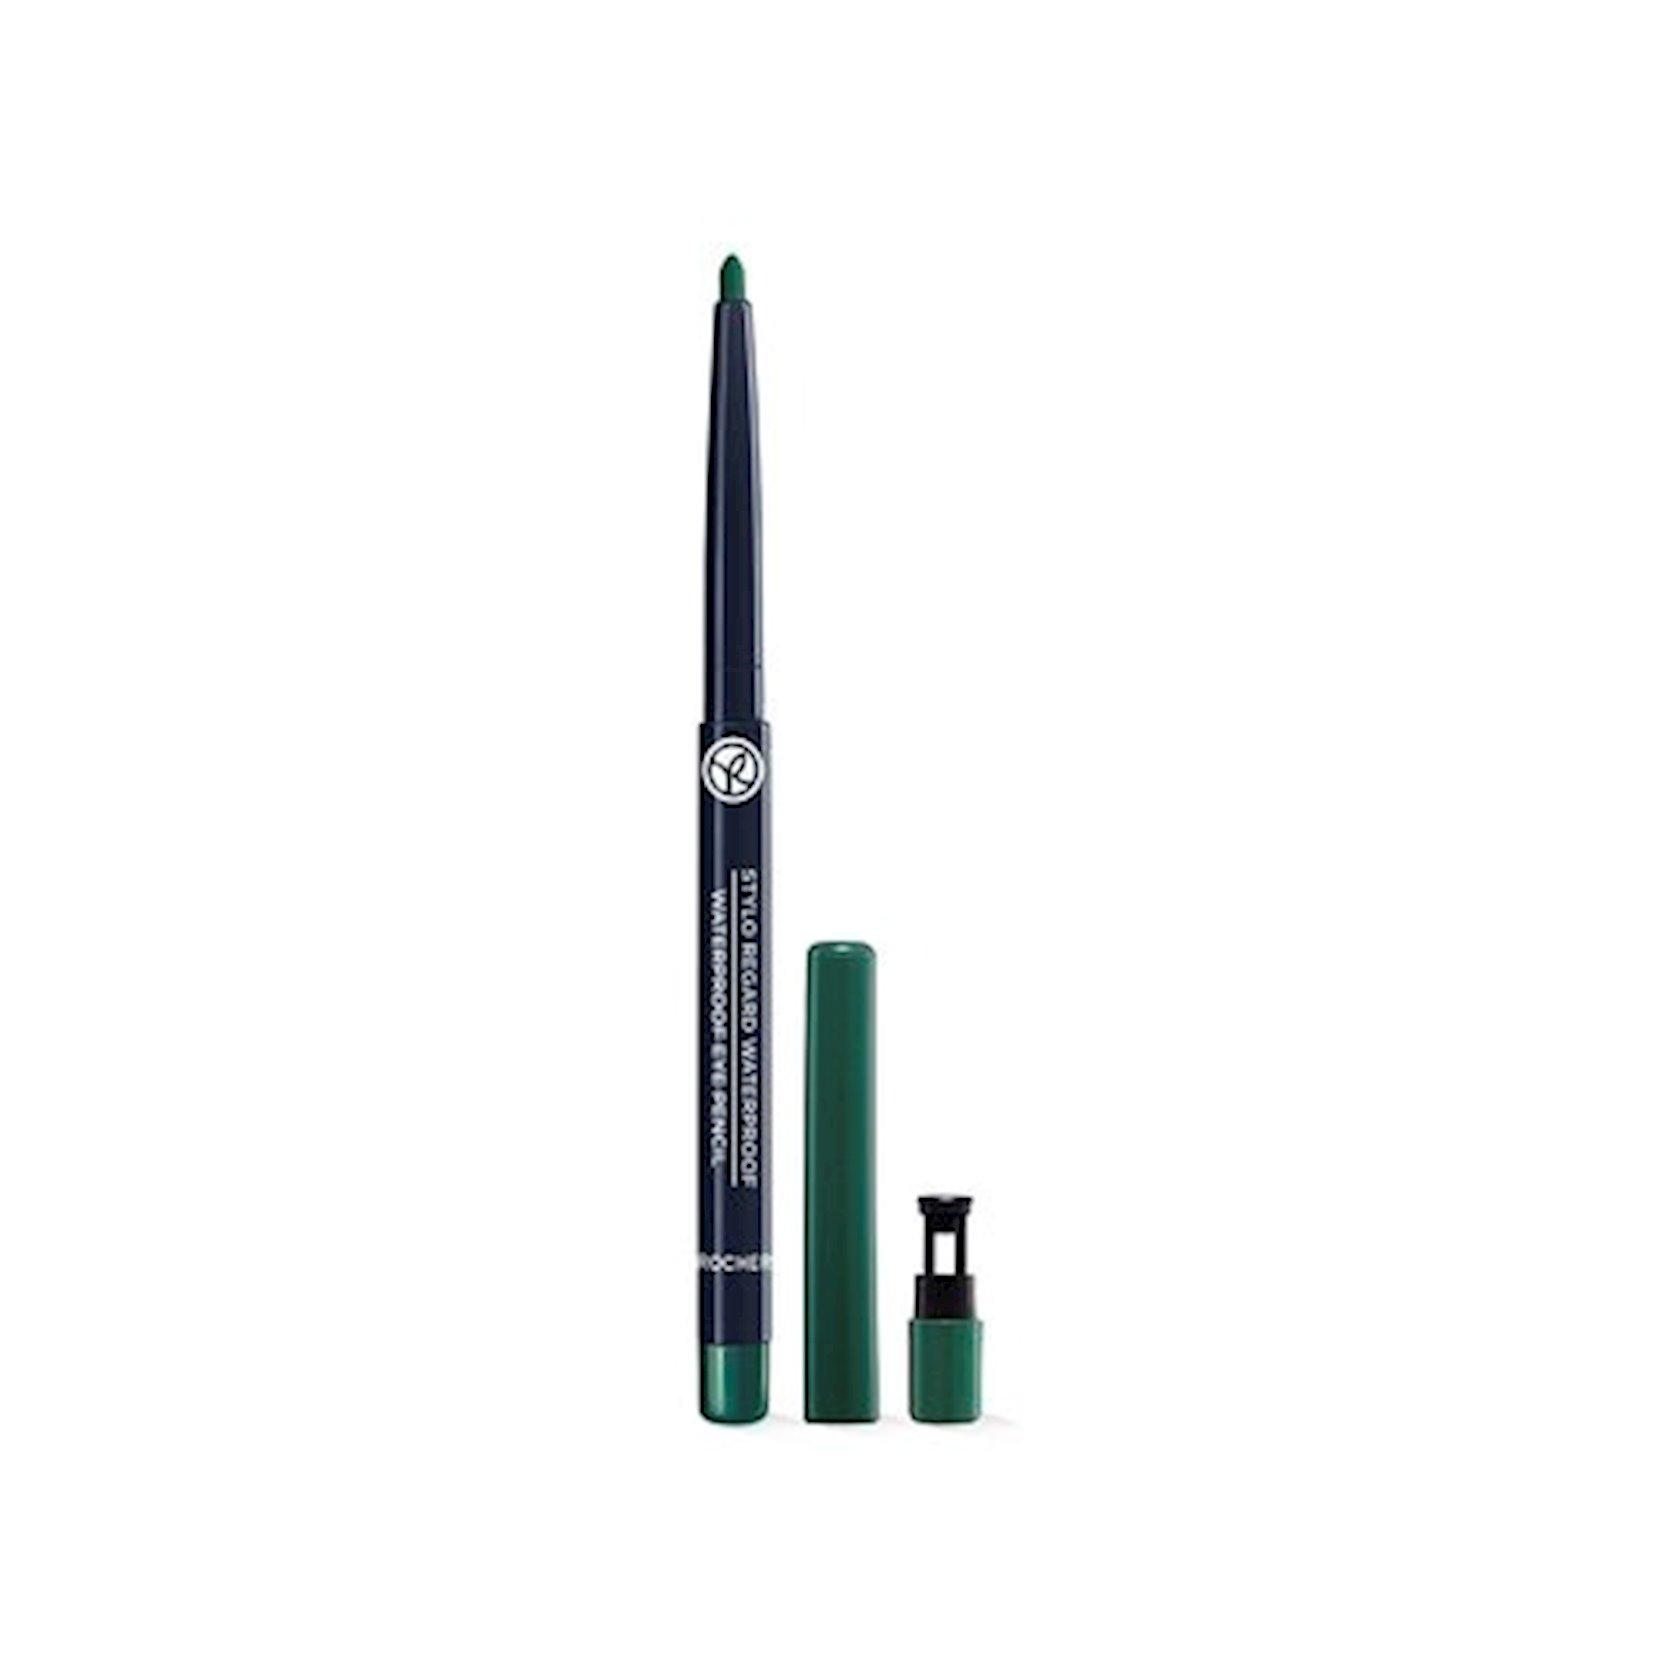 Göz qələmi  Yves Rocher Waterproof Eye Pencil Green